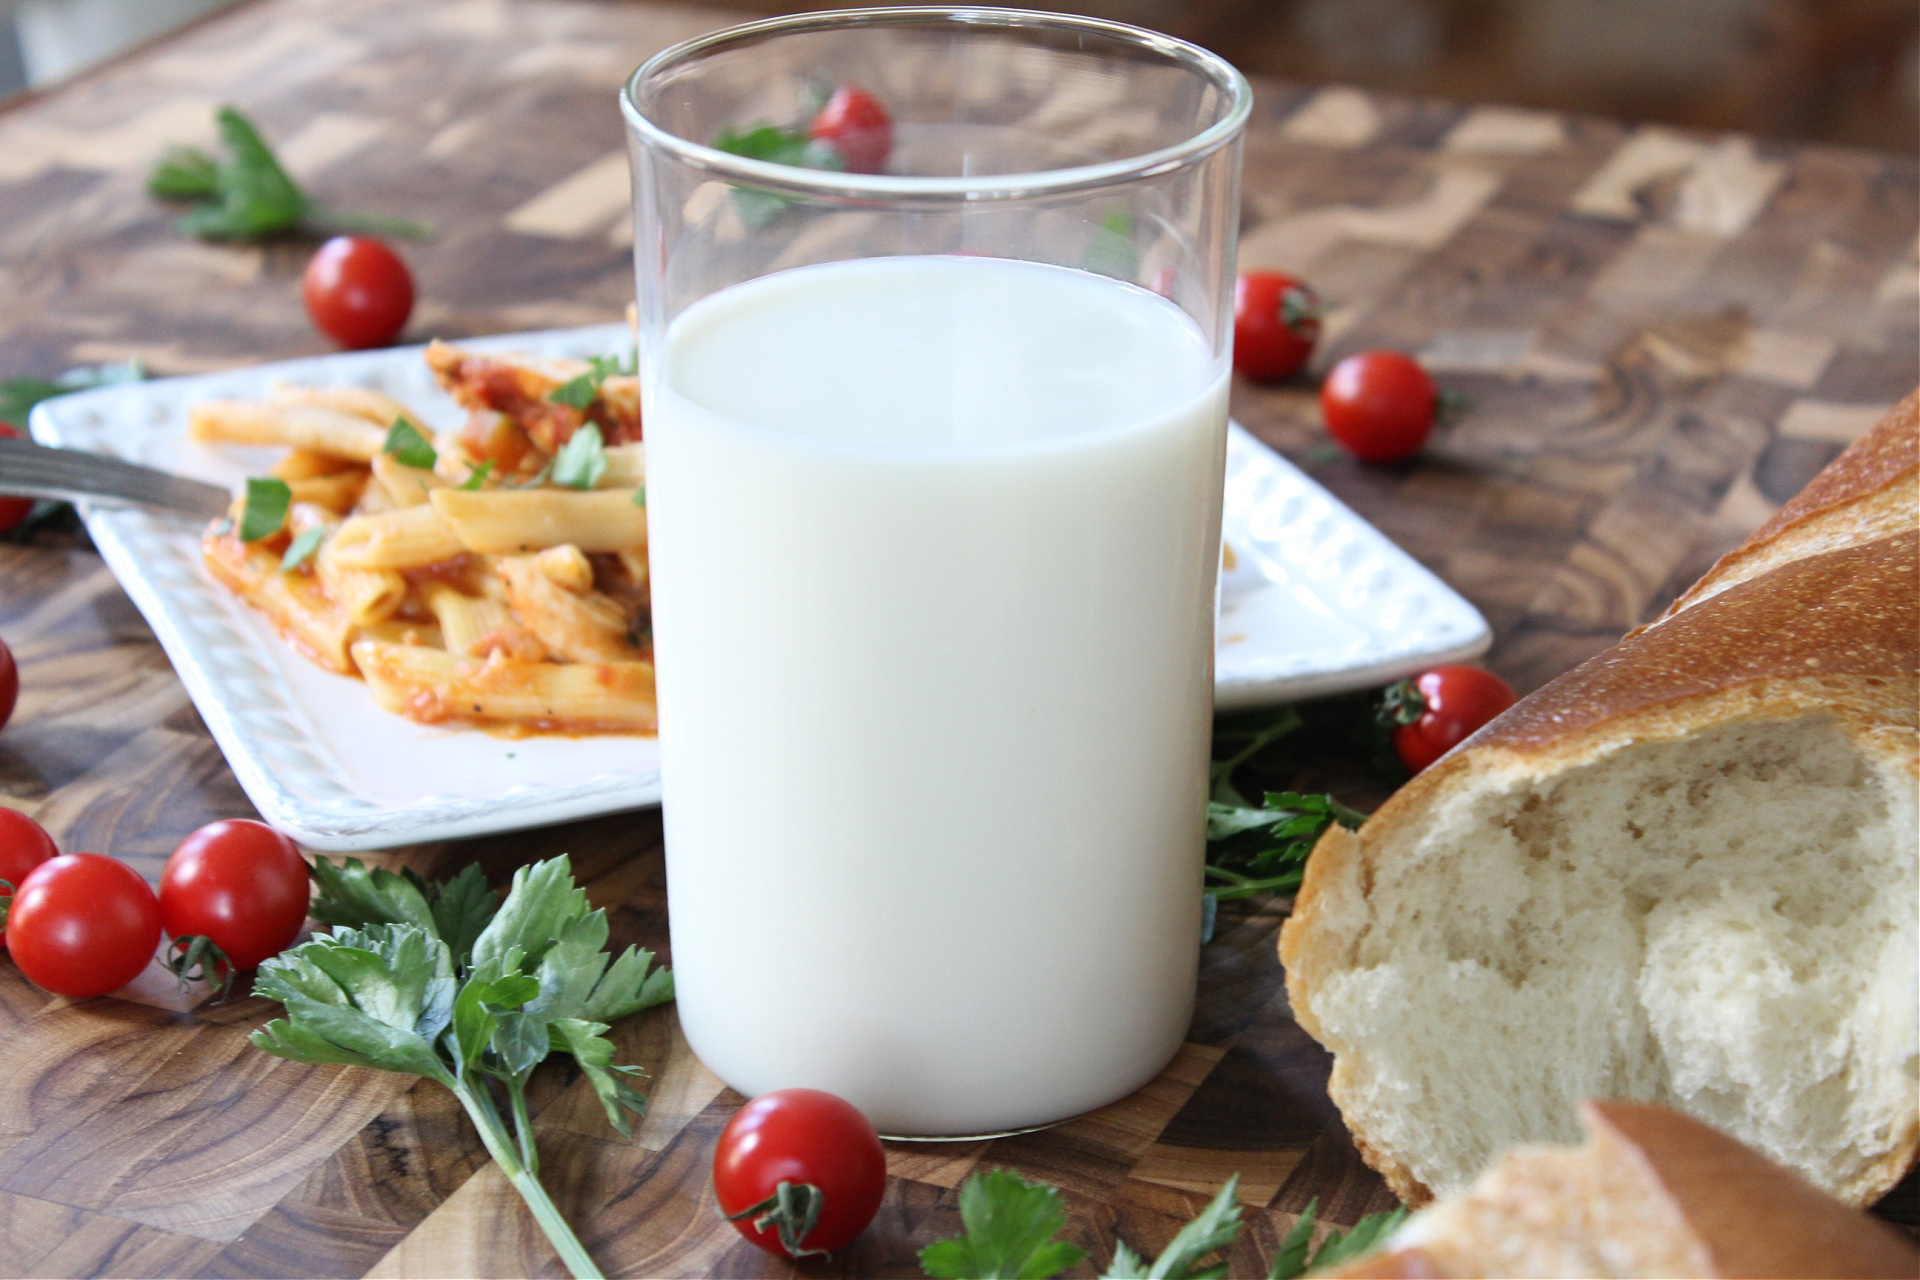 Best Crockpot creamy chicken pasta